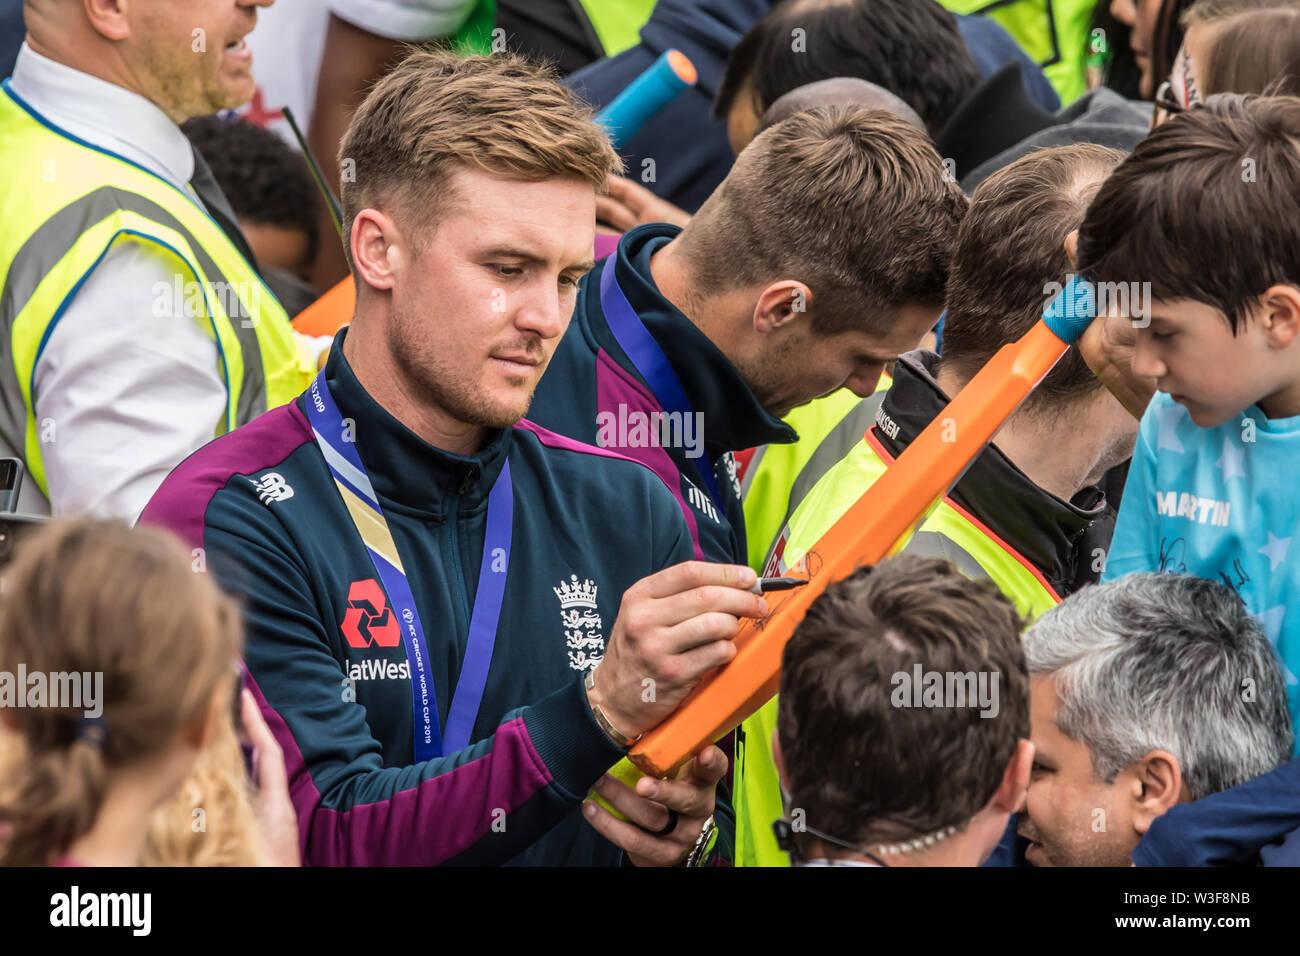 London Uk 15 July 2019 Jason Roy Signing Autographs As